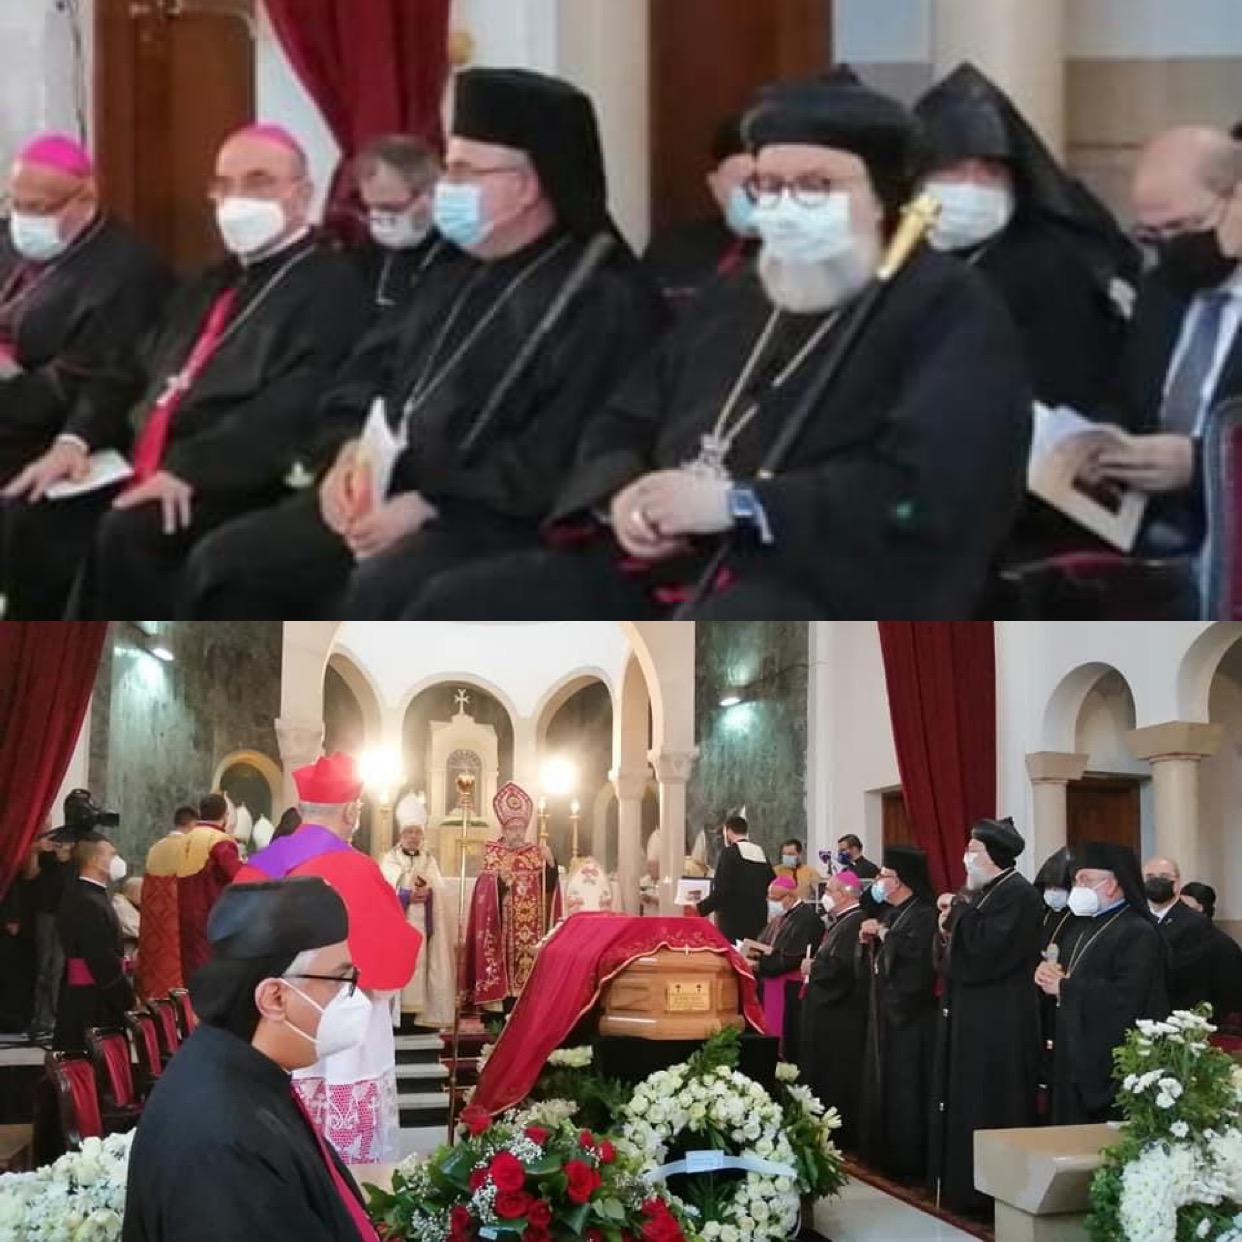 وفد من الكنيسة الكلدانية يشارك في جنازة البطريرك الارمن الكاثوليك